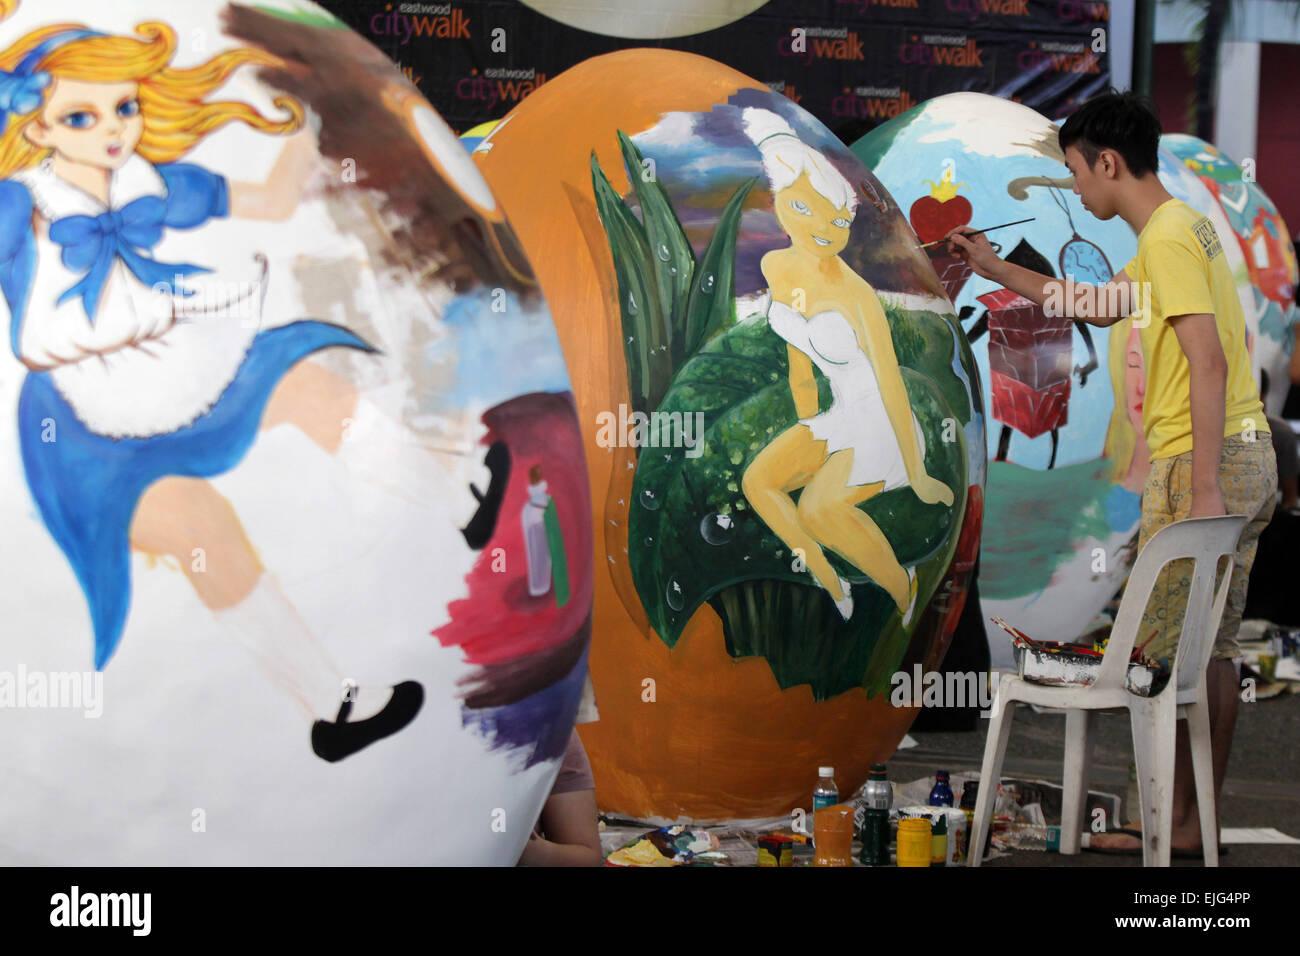 Quezon City Philippines 26 Mars 2015 Un Artiste Peint Un œuf En